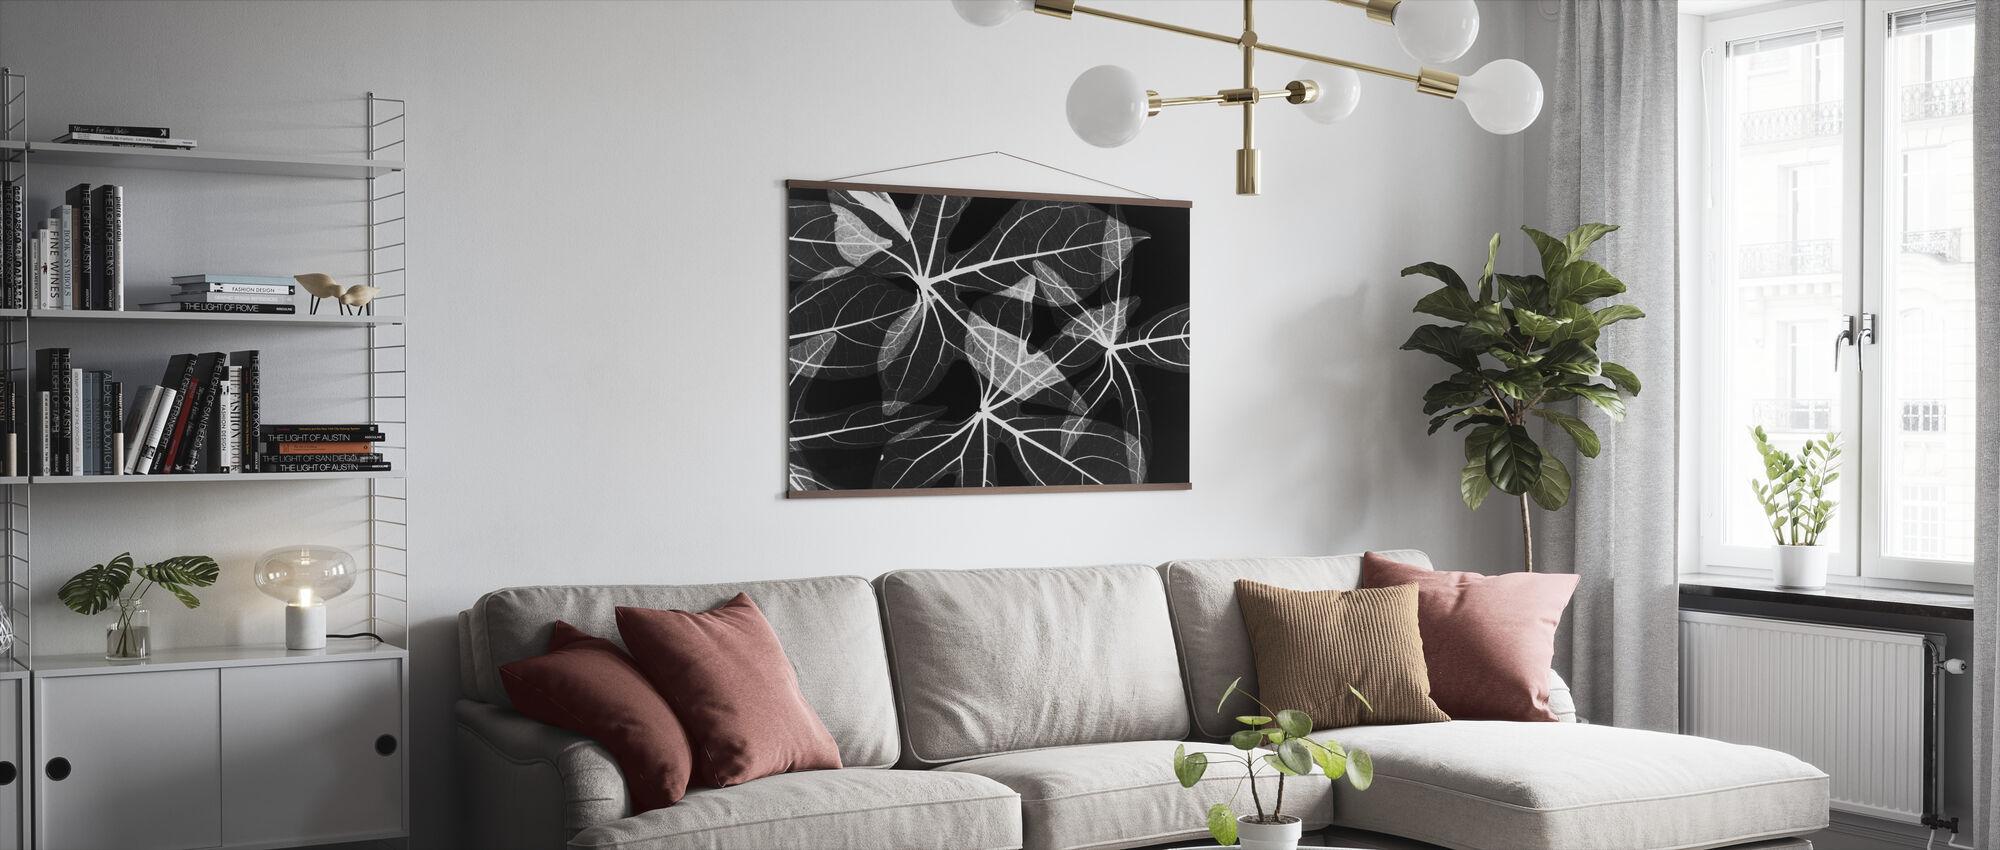 Blätter - Poster - Wohnzimmer